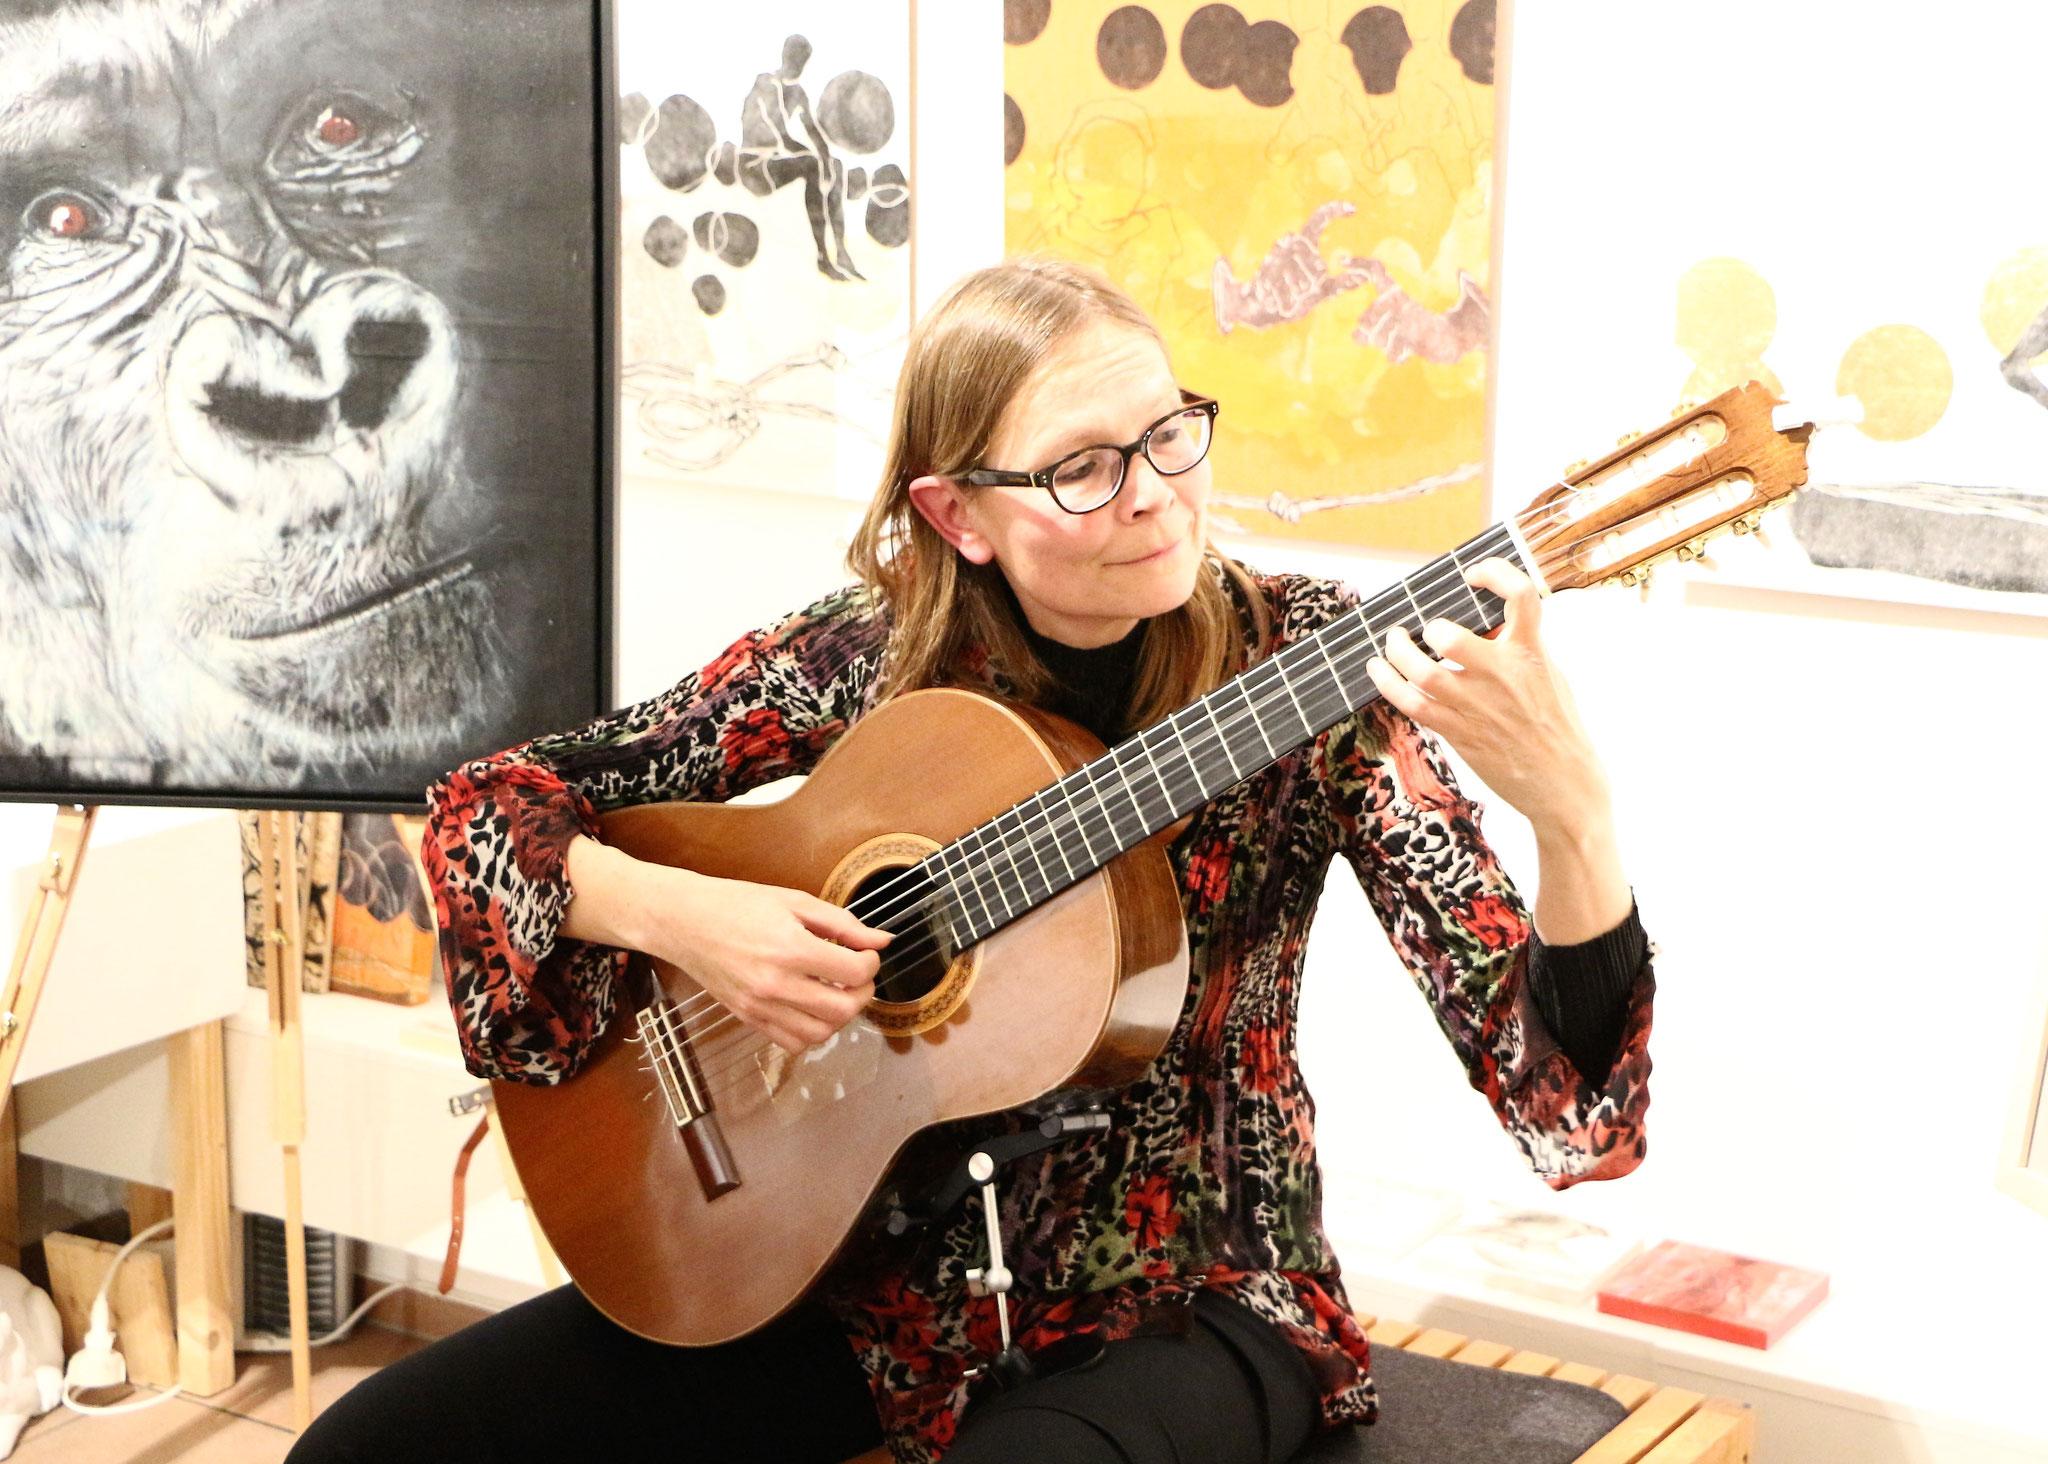 Silvia Fuentes